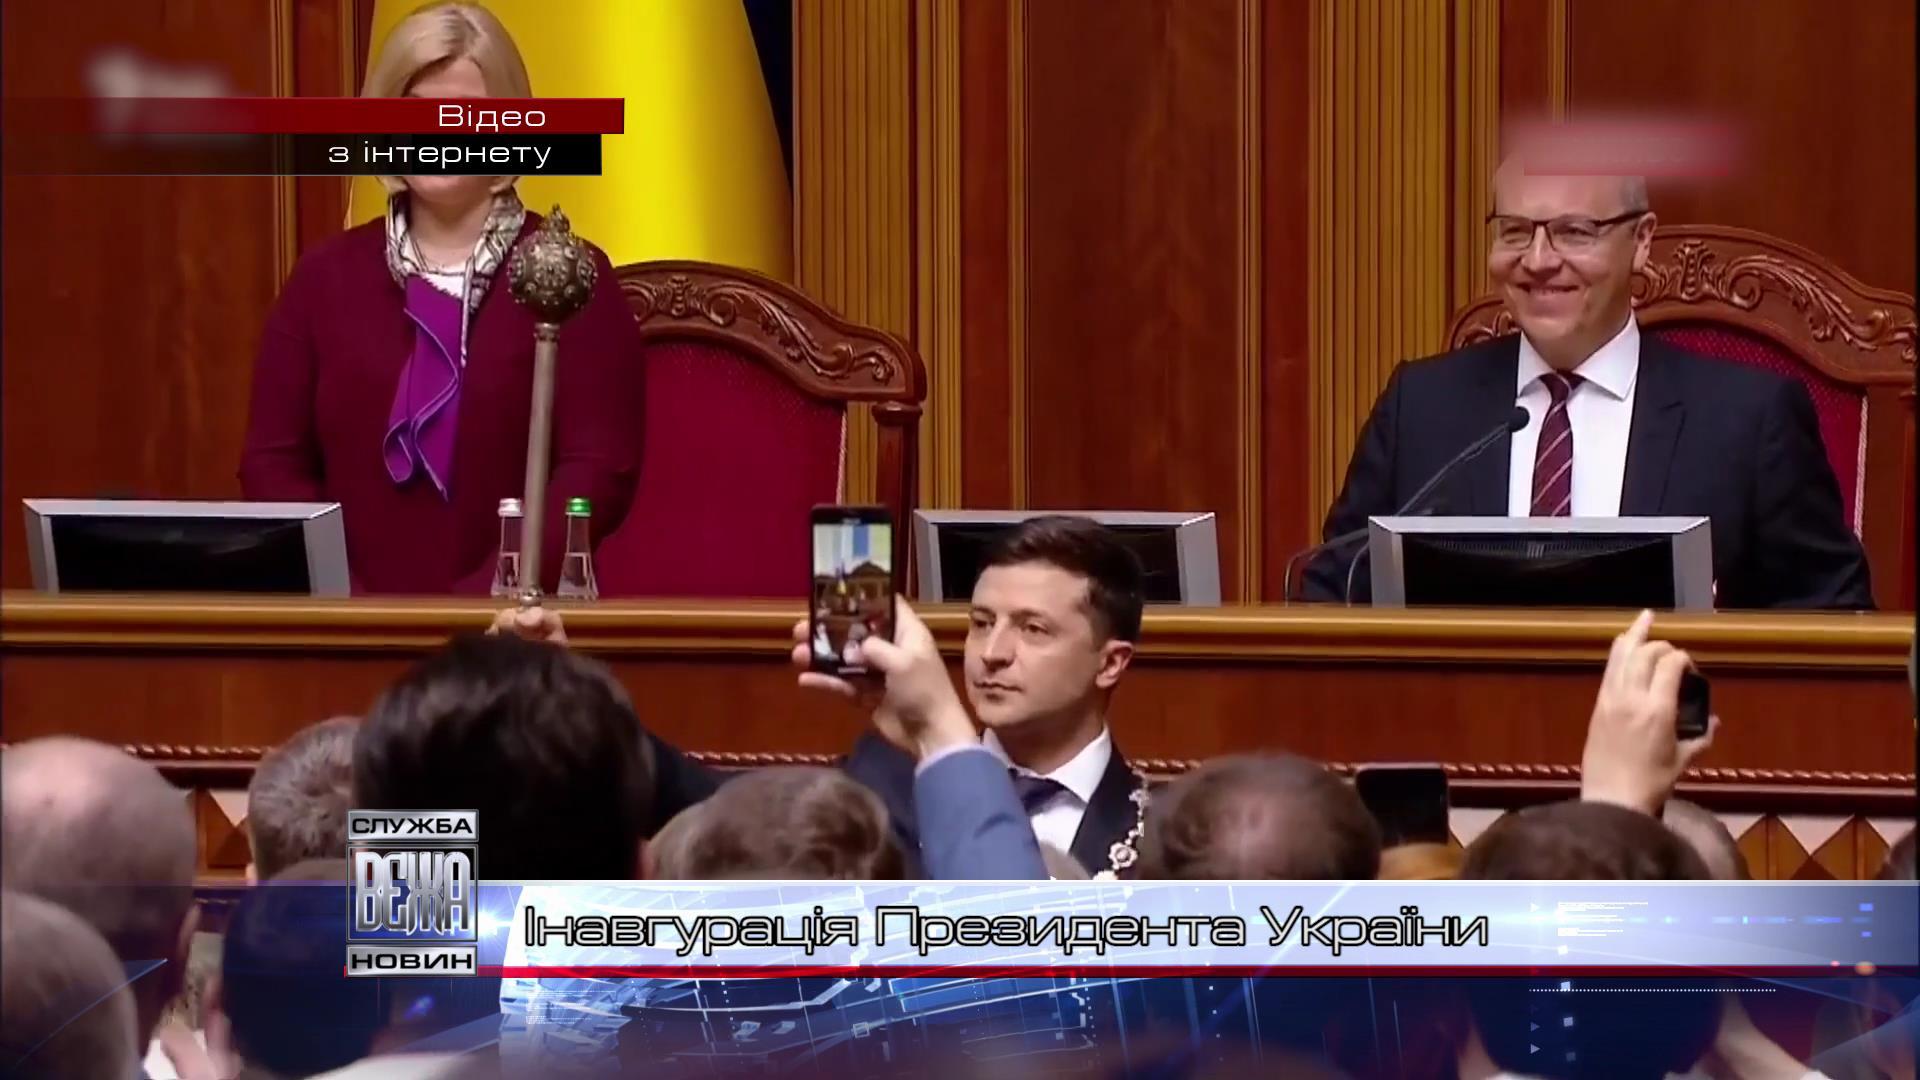 ЗЕ_Президент[18-15-56]